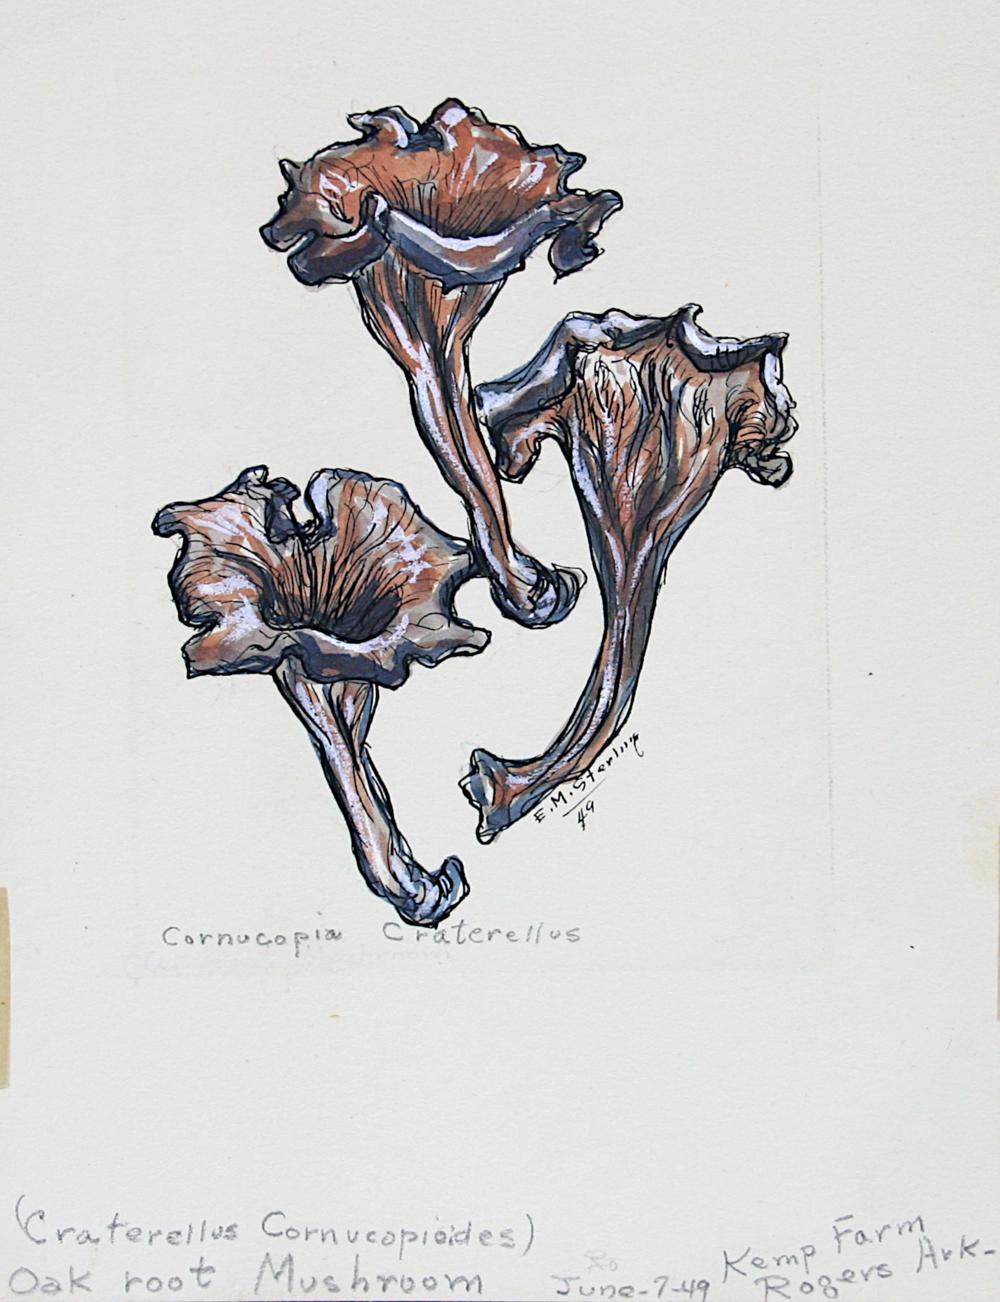 Oak Root Mushroom